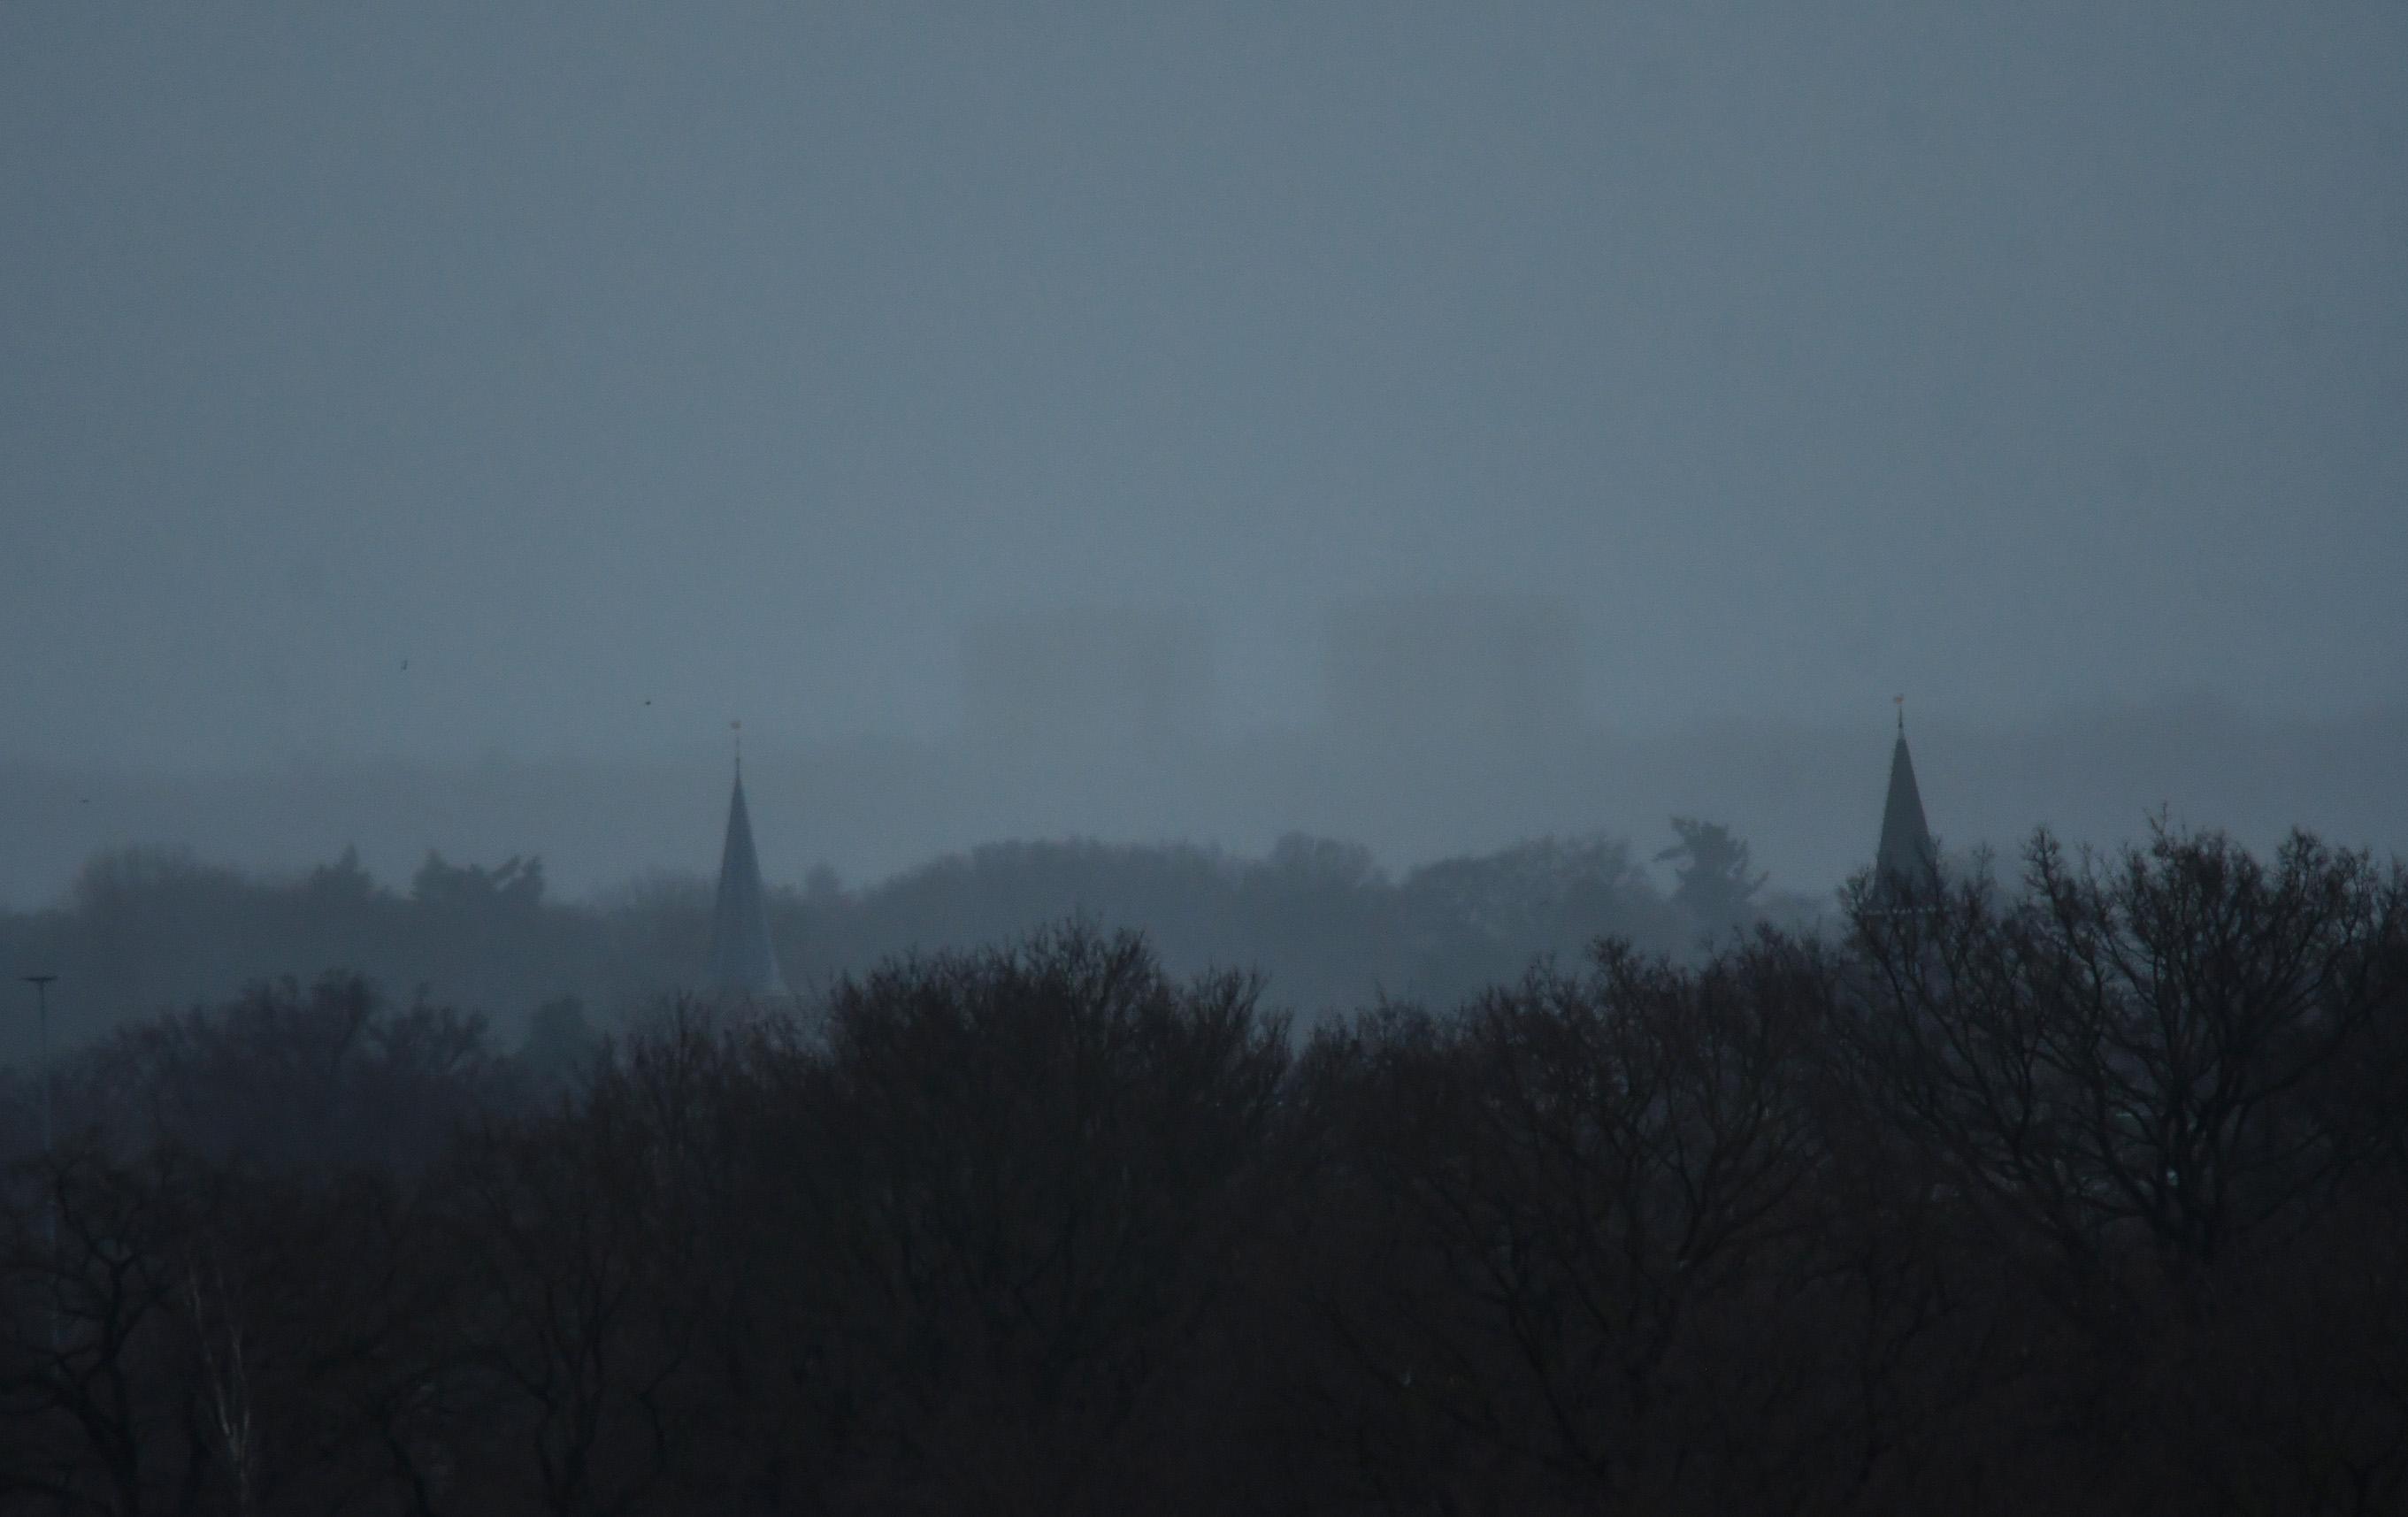 Met links de torenspits van de Oude kerk en rechts de Brinkstraatkerk - Foto: ©Louis Fraanje